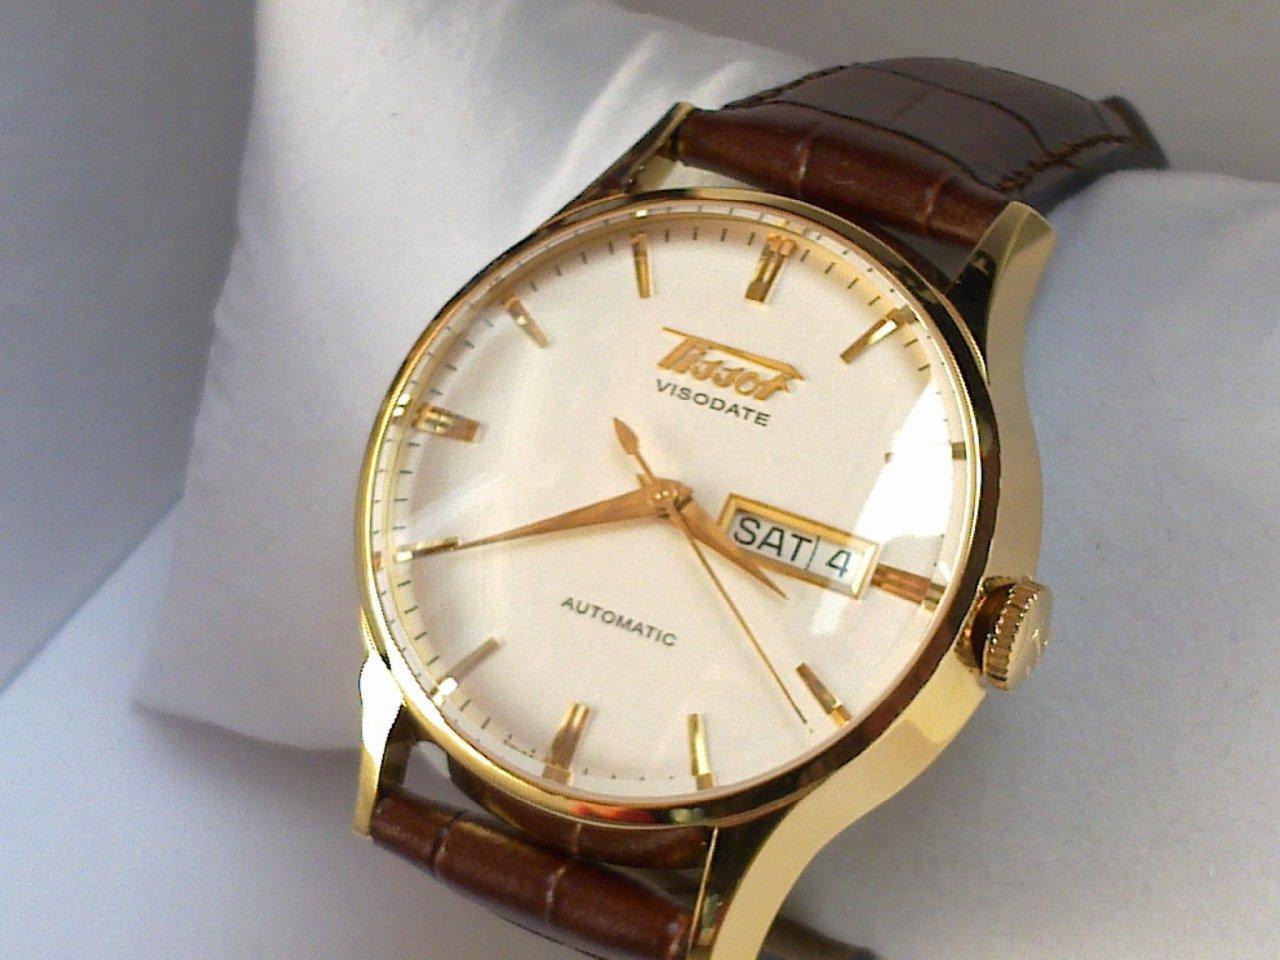 Đồng hồ Tissot 1853 Automatic T019.430.36.031.00 mặt trắng đẹp